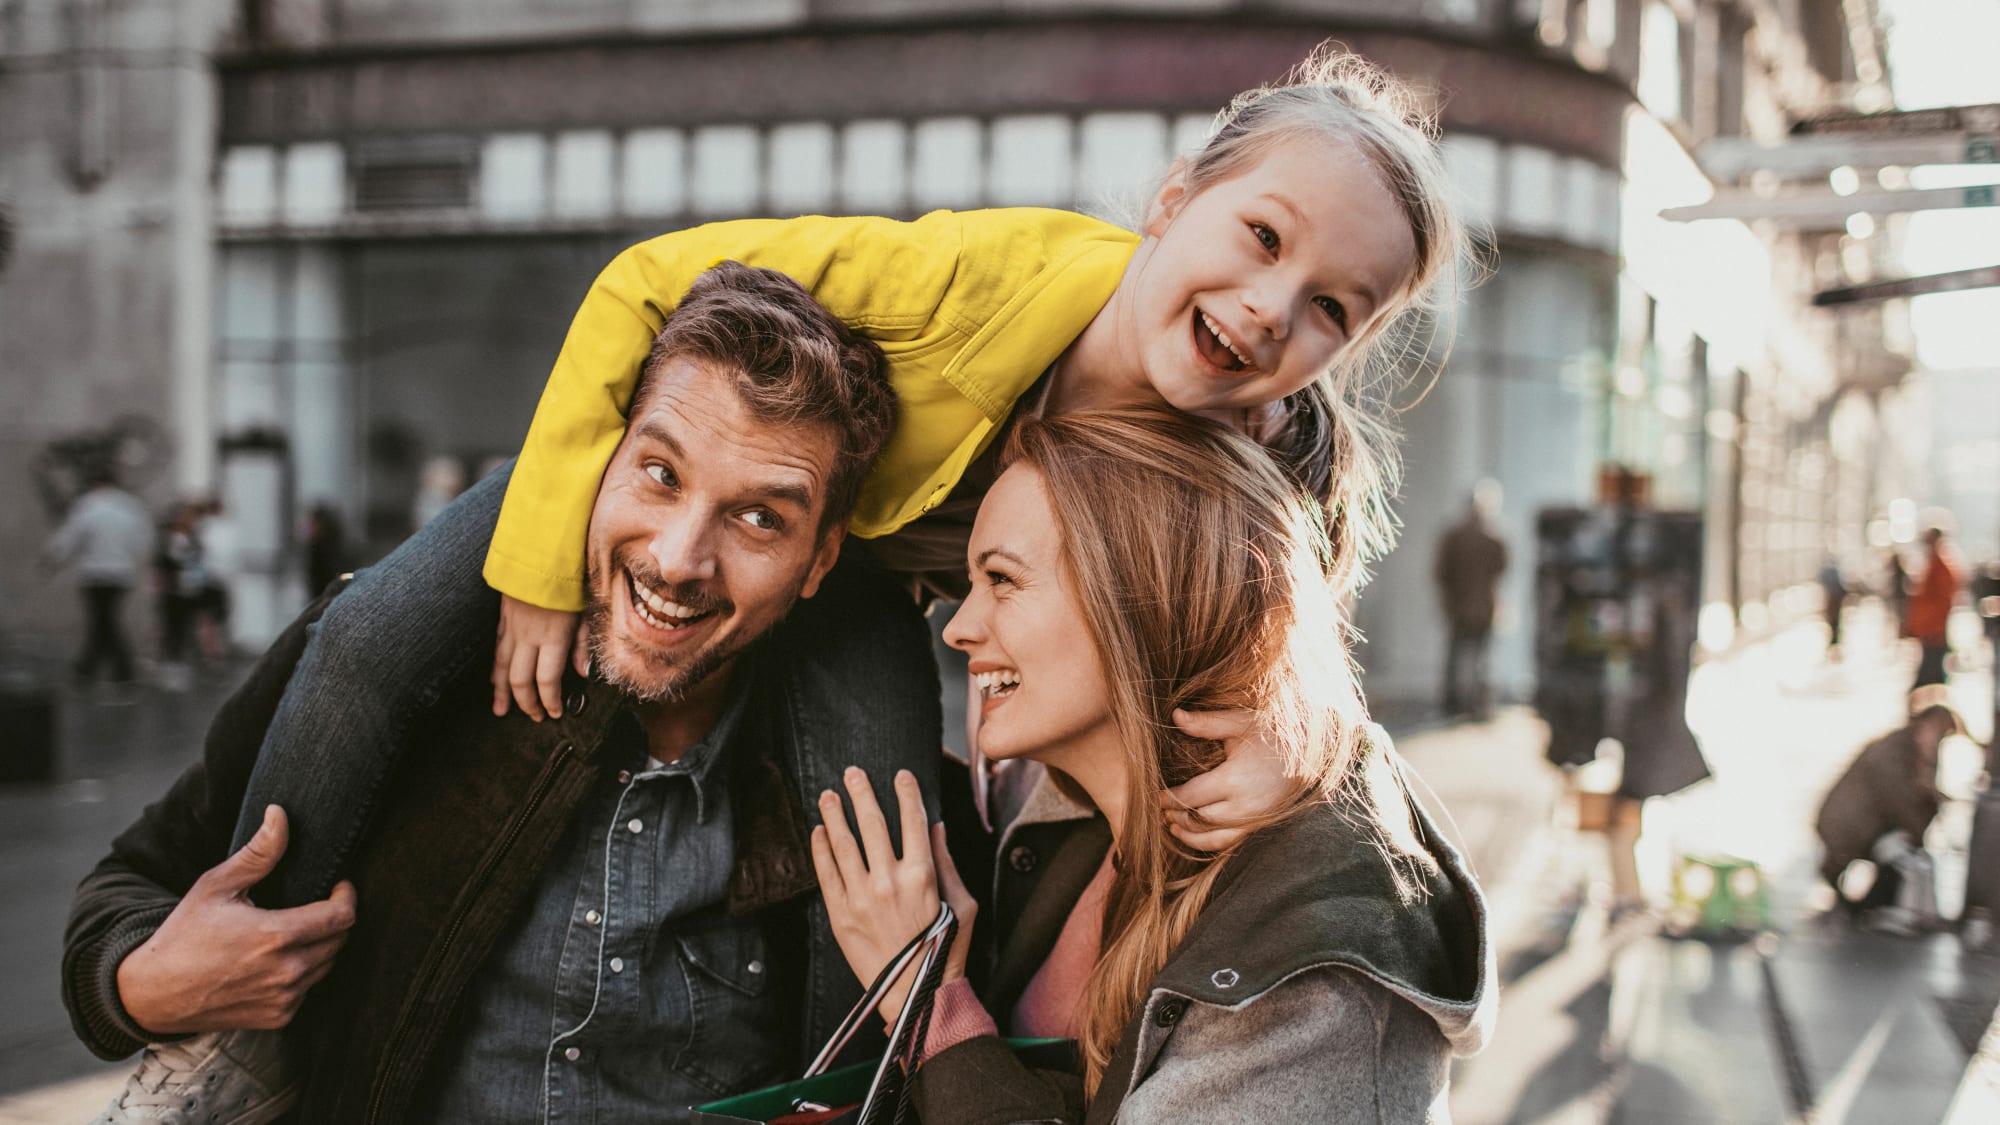 Familie beim Shoppen in der Innenstadt